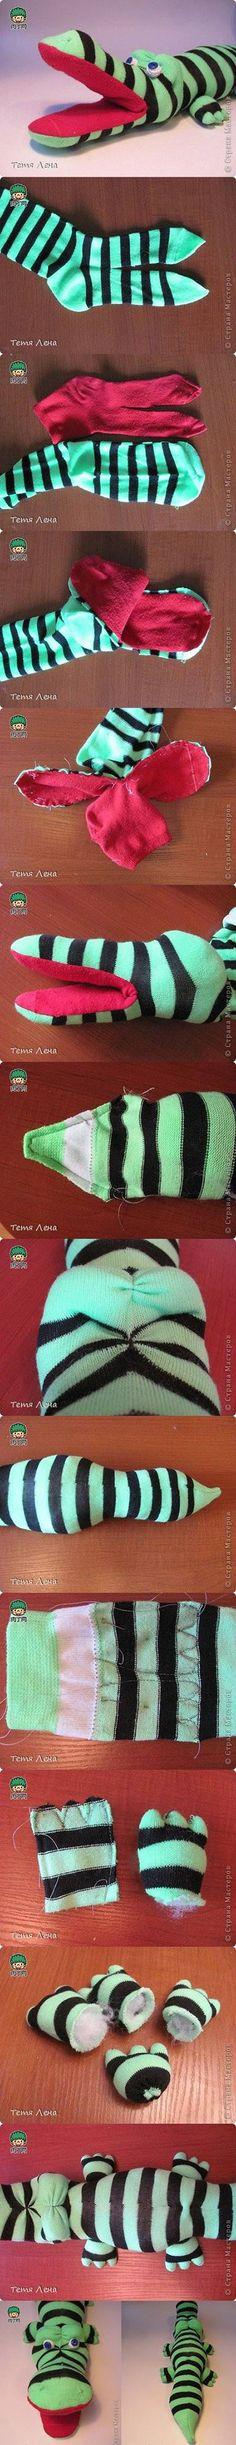 11 DIY Sock Crocodile Stuffed Animal d275c402e538 | DIY